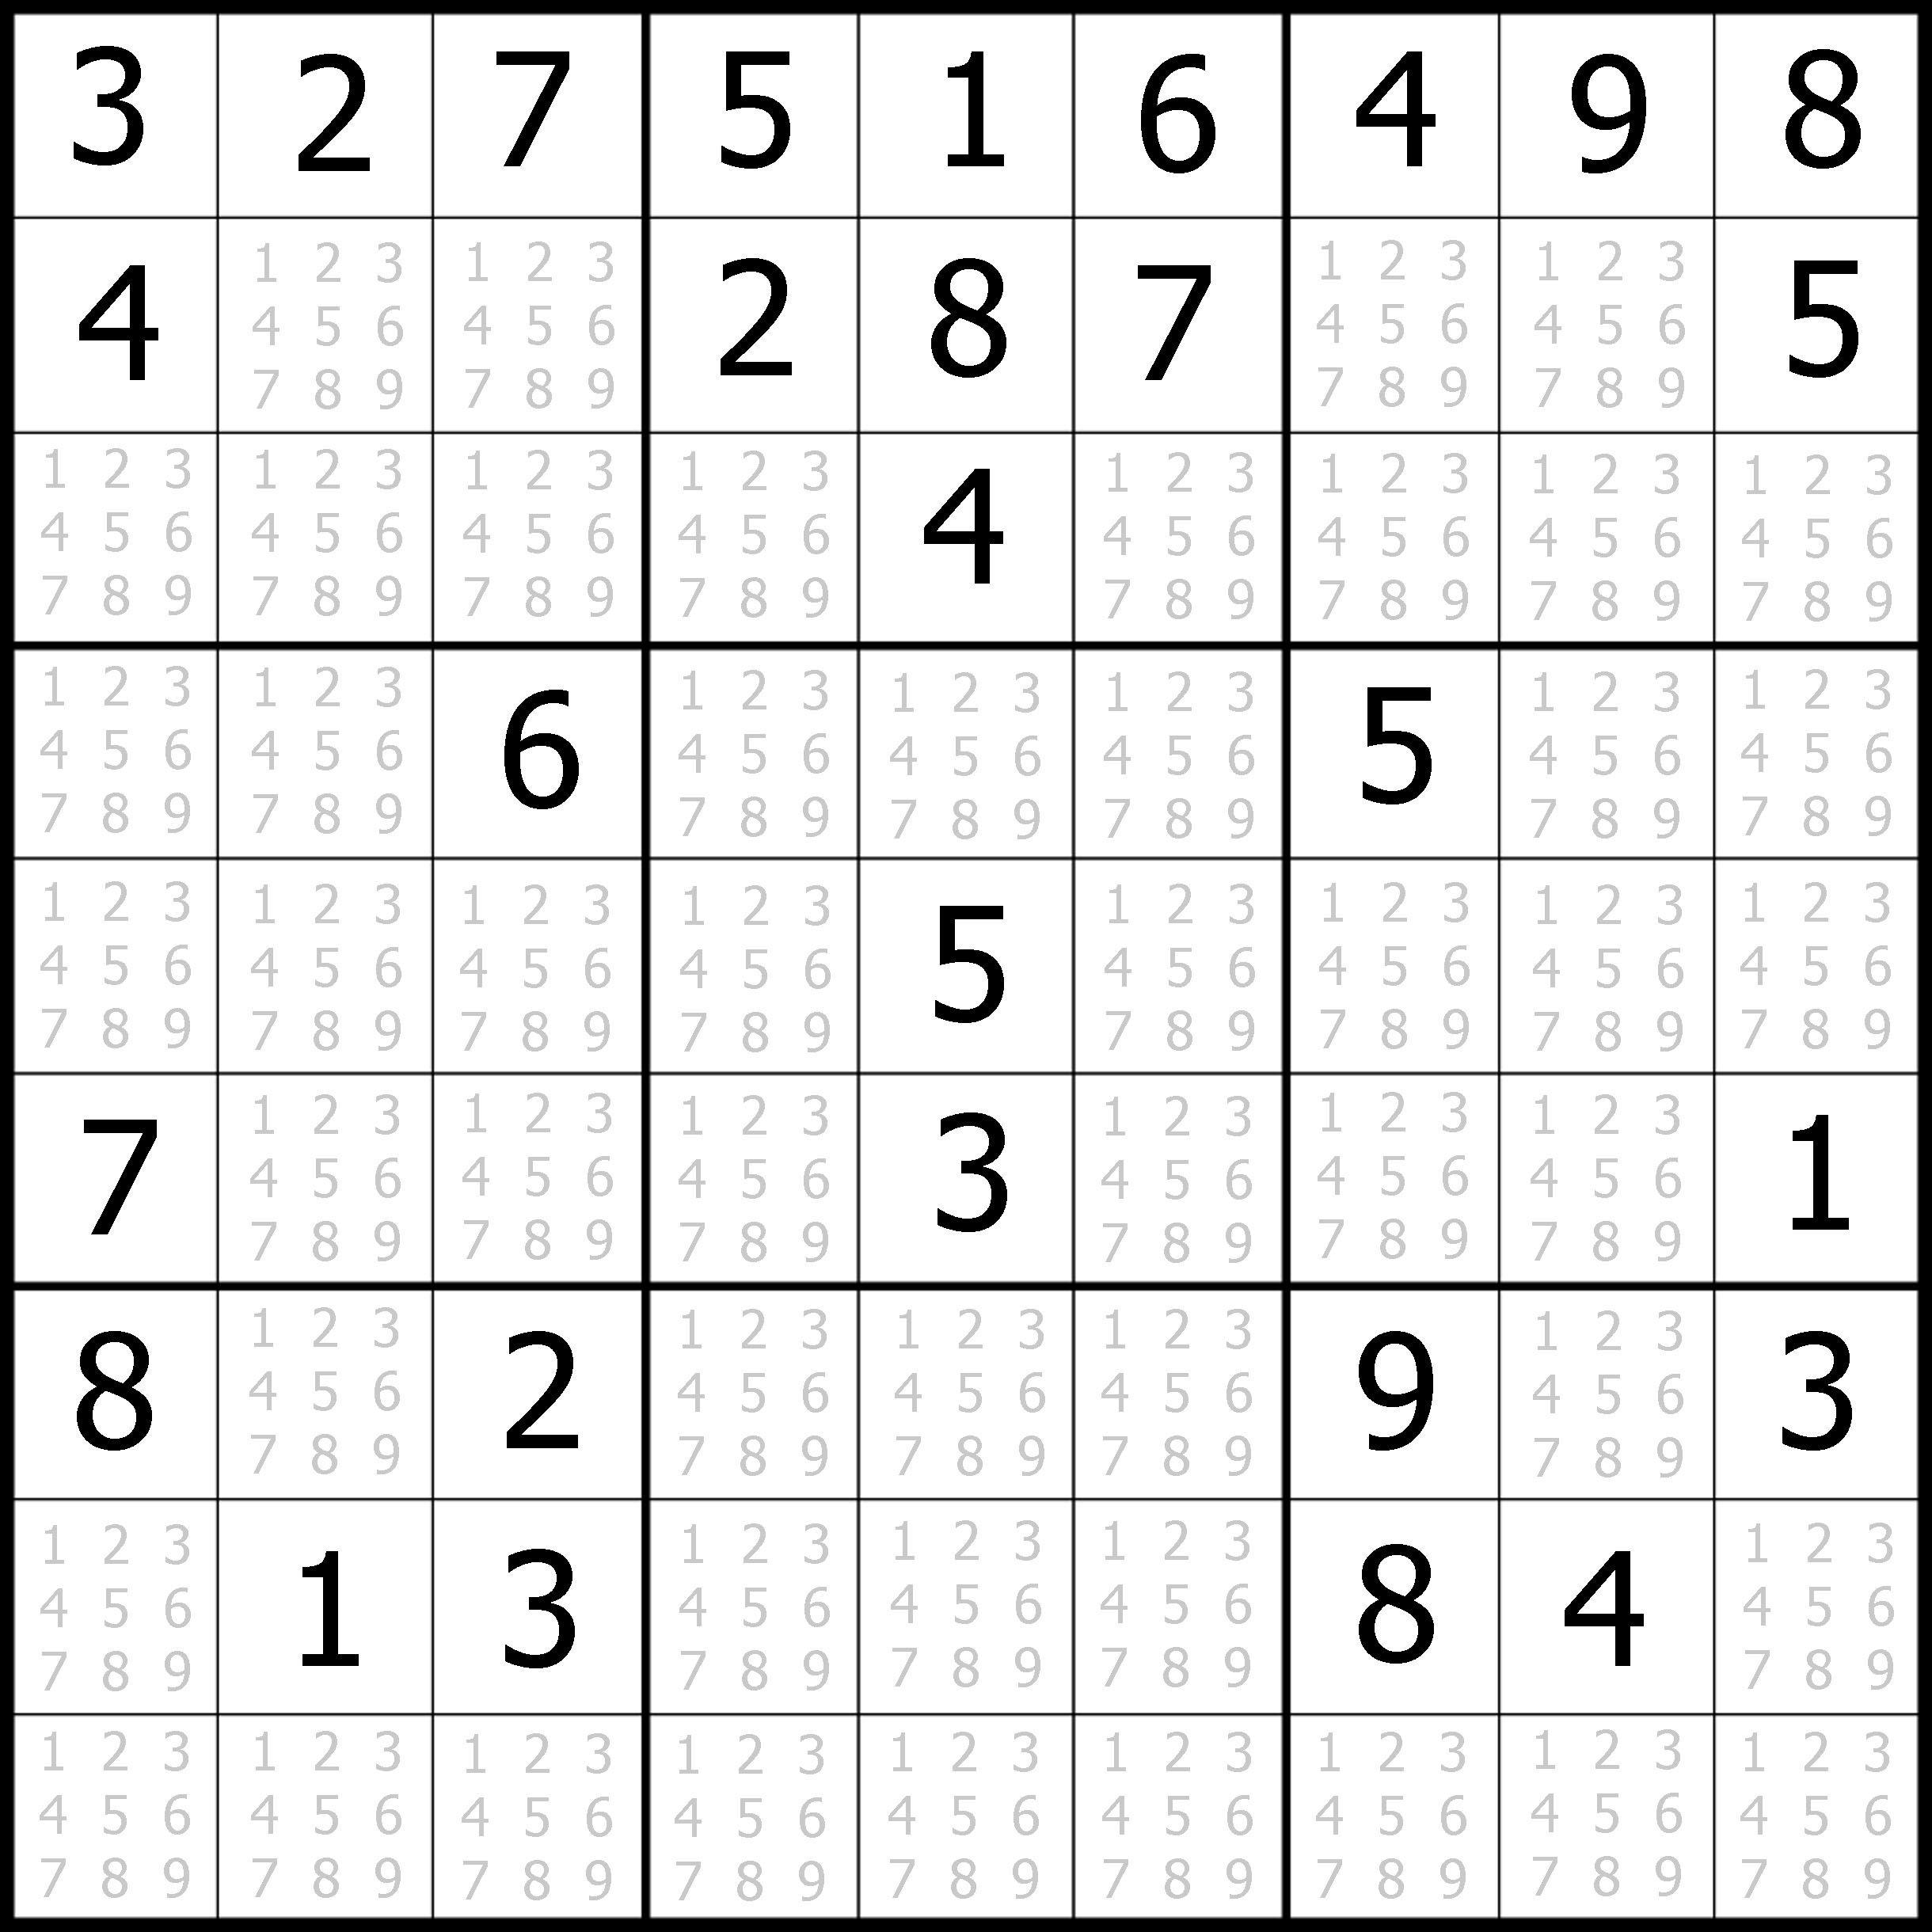 Sudoku Printable | Free, Medium, Printable Sudoku Puzzle #1 | My - Free Printable Suduko